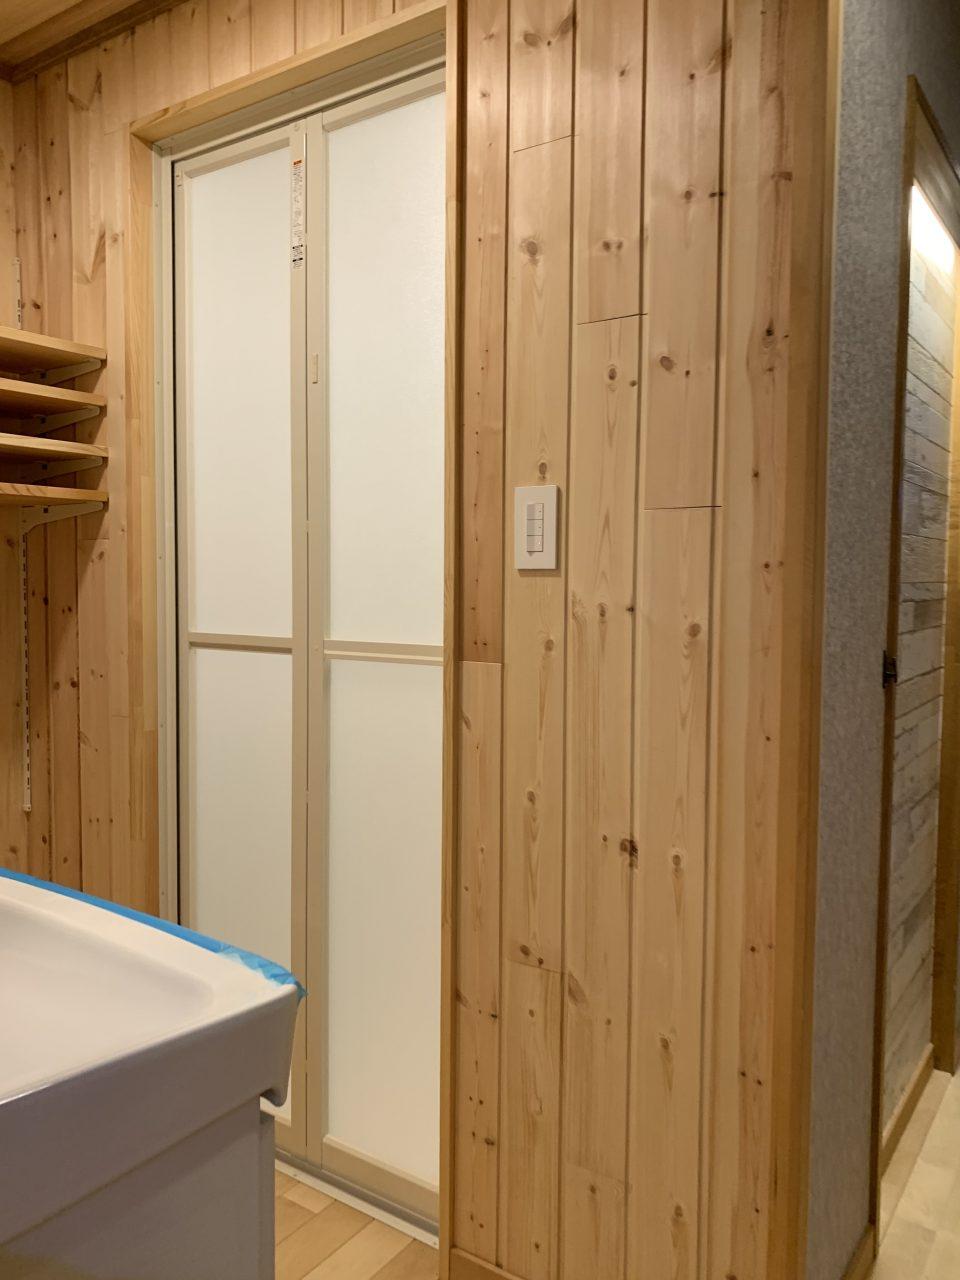 シャワーユニット(廊下より見る)。内装はパイン板